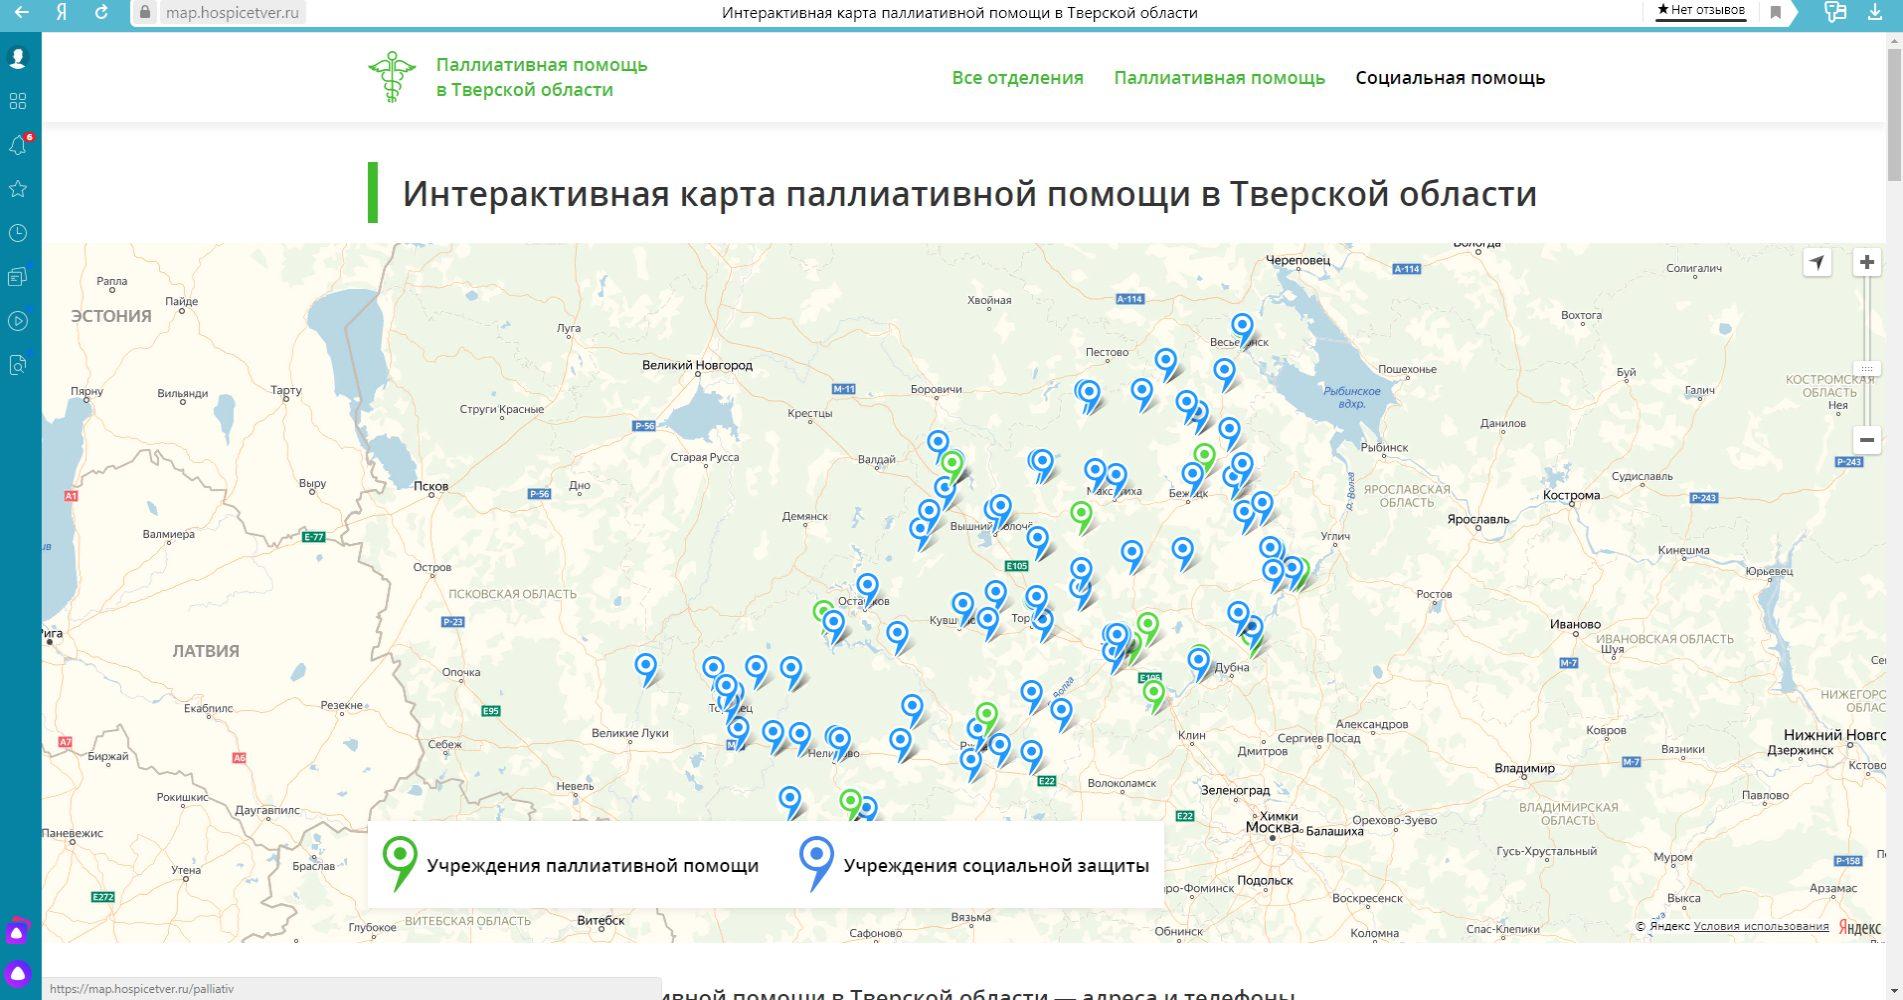 В Тверской области появилась интерактивная карта паллиативной помощи